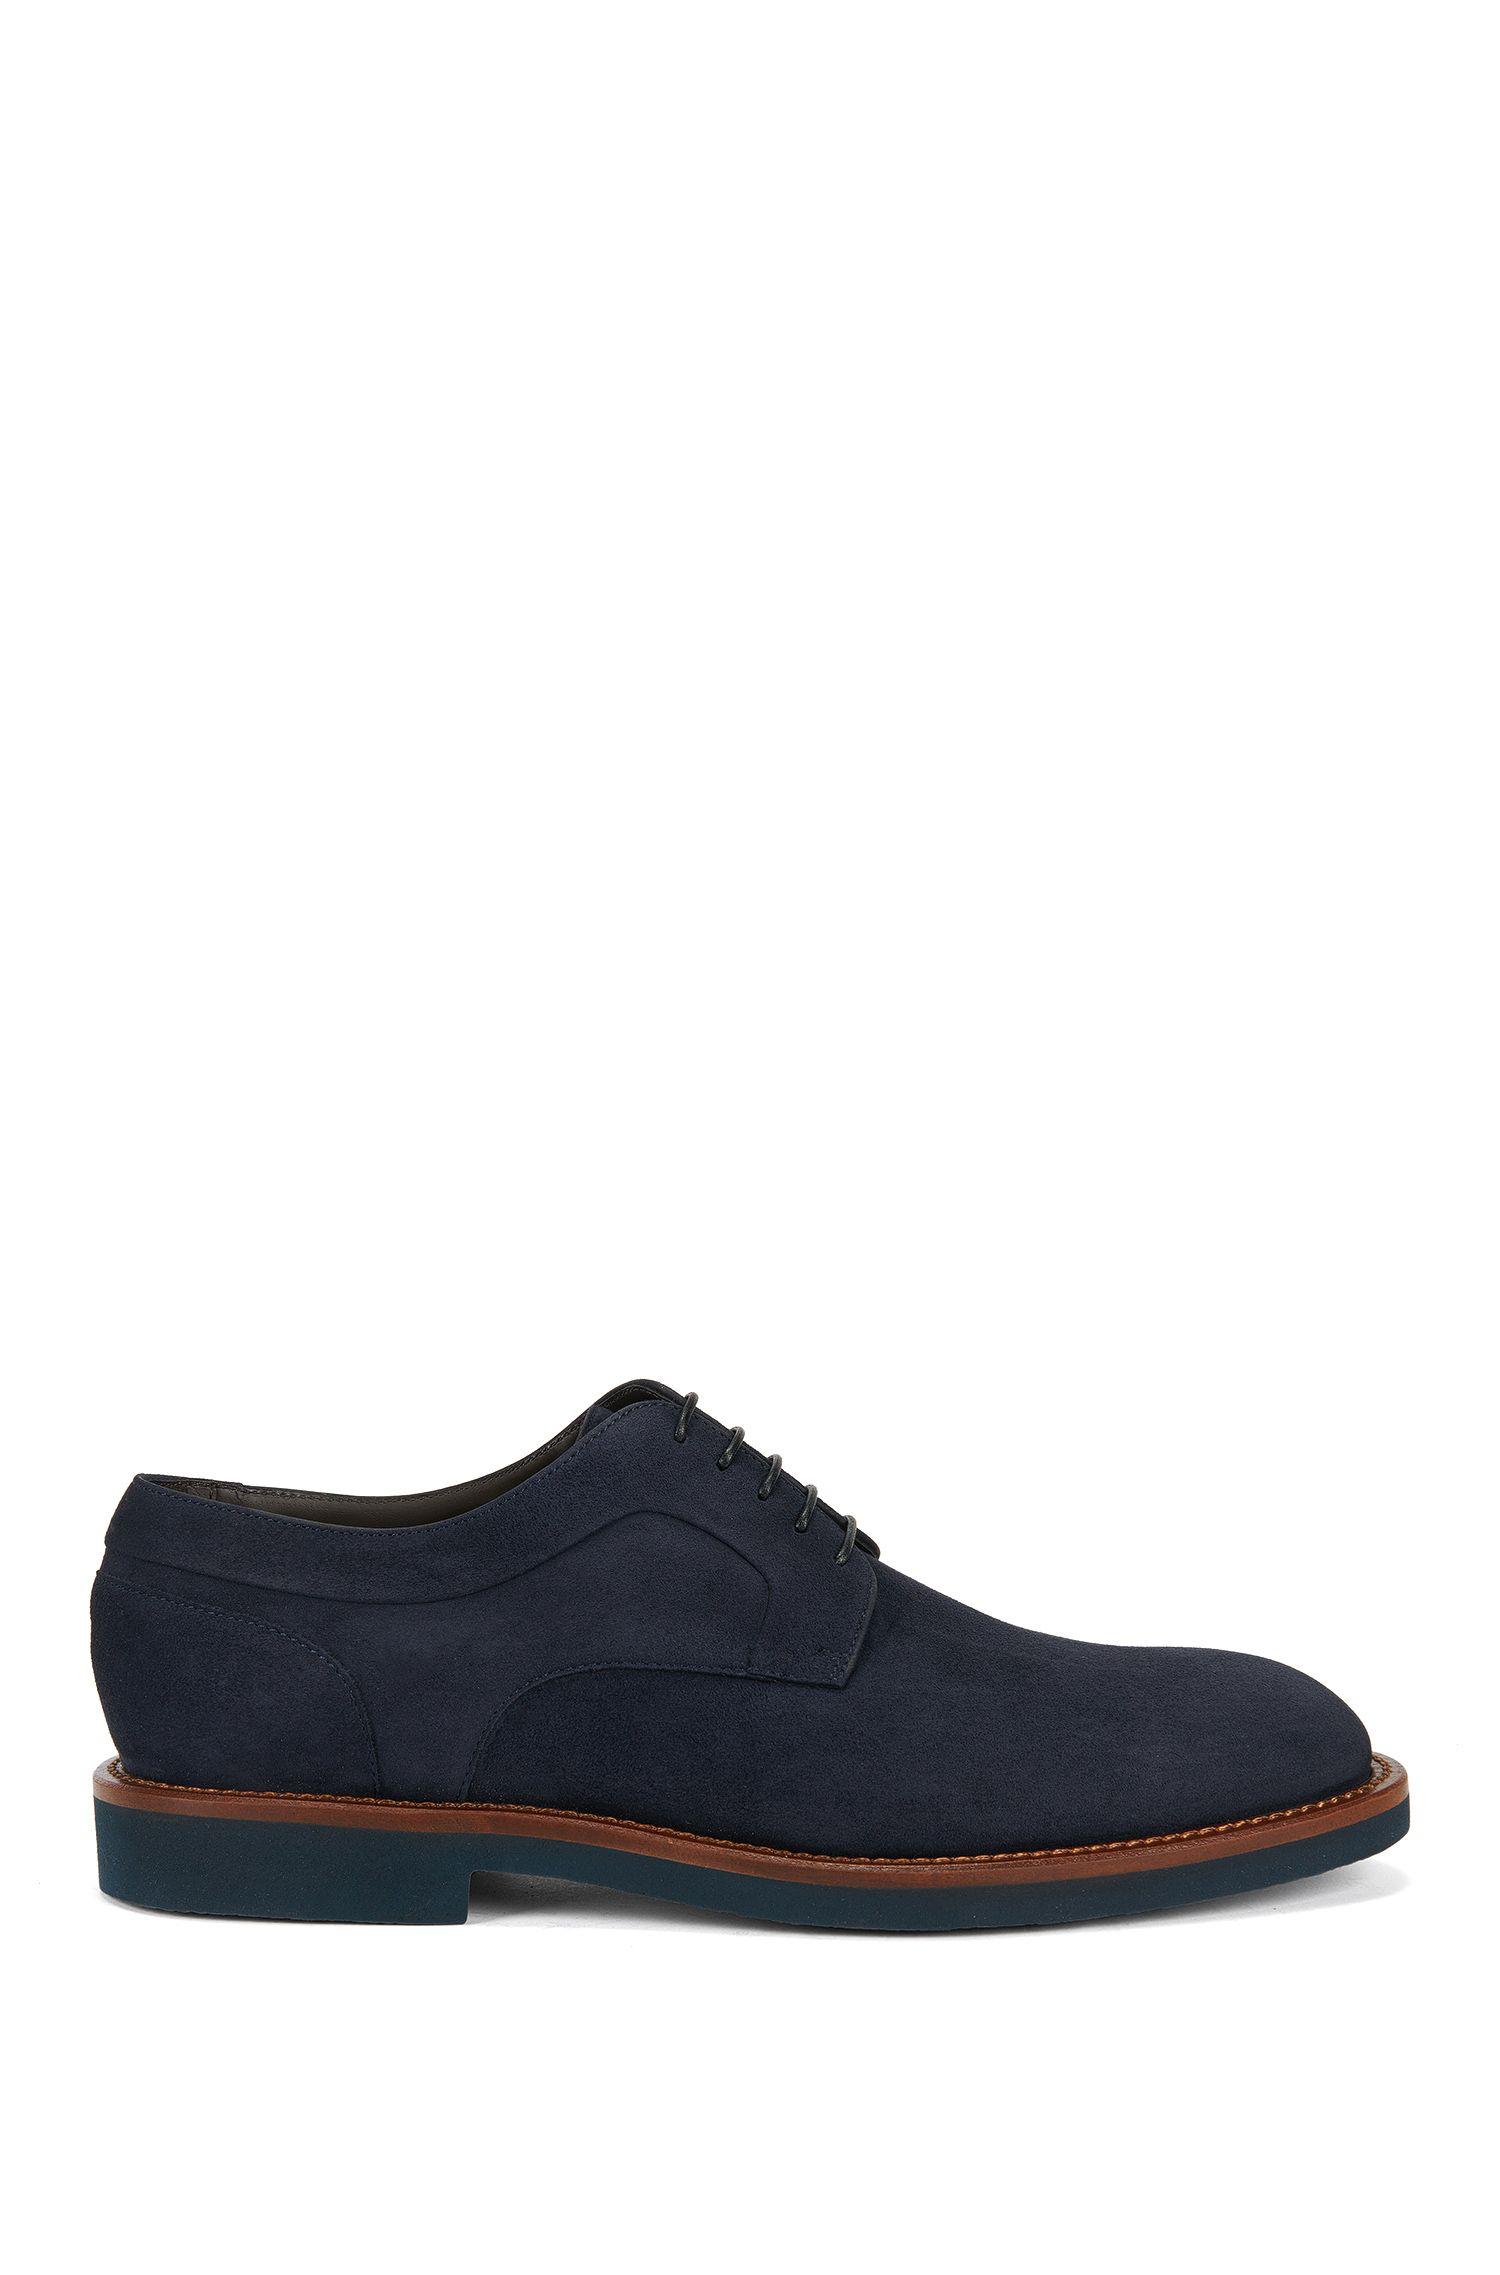 Nubuck Leather Derby Shoe | Eden Derb Sdg, Dark Blue